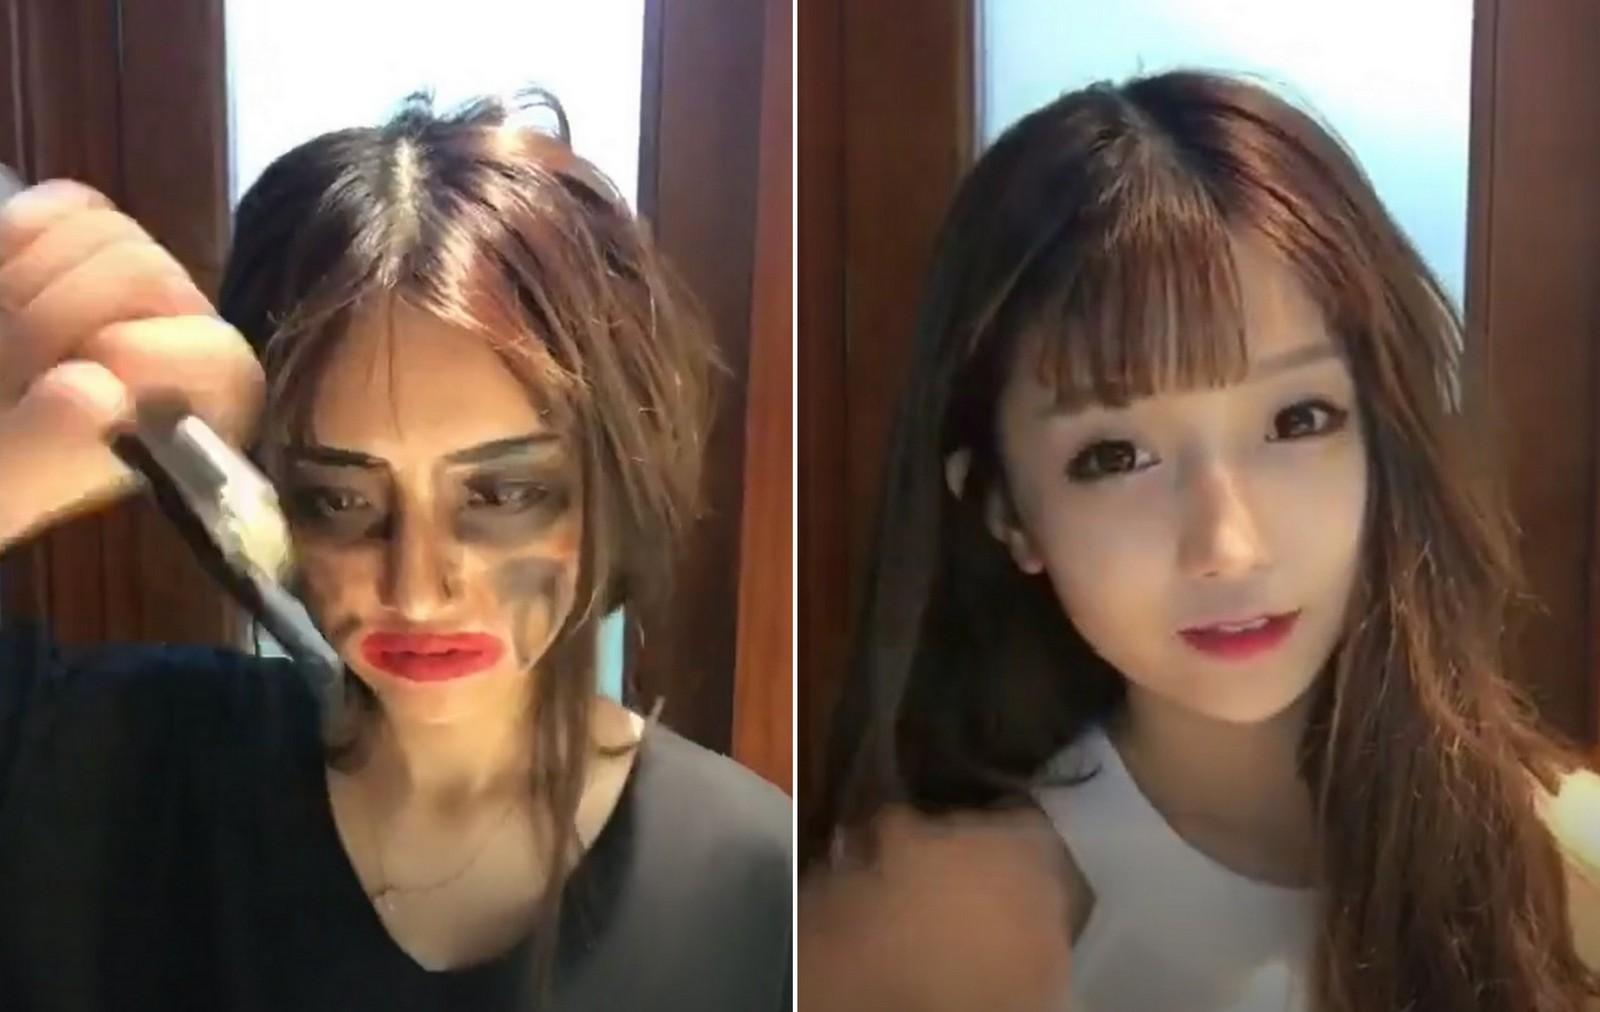 Lột xác từ xấu thành xinh trong 16s: Loạt clip của các hot girl Trung Quốc đang càn quét khắp Facebook - Ảnh 8.